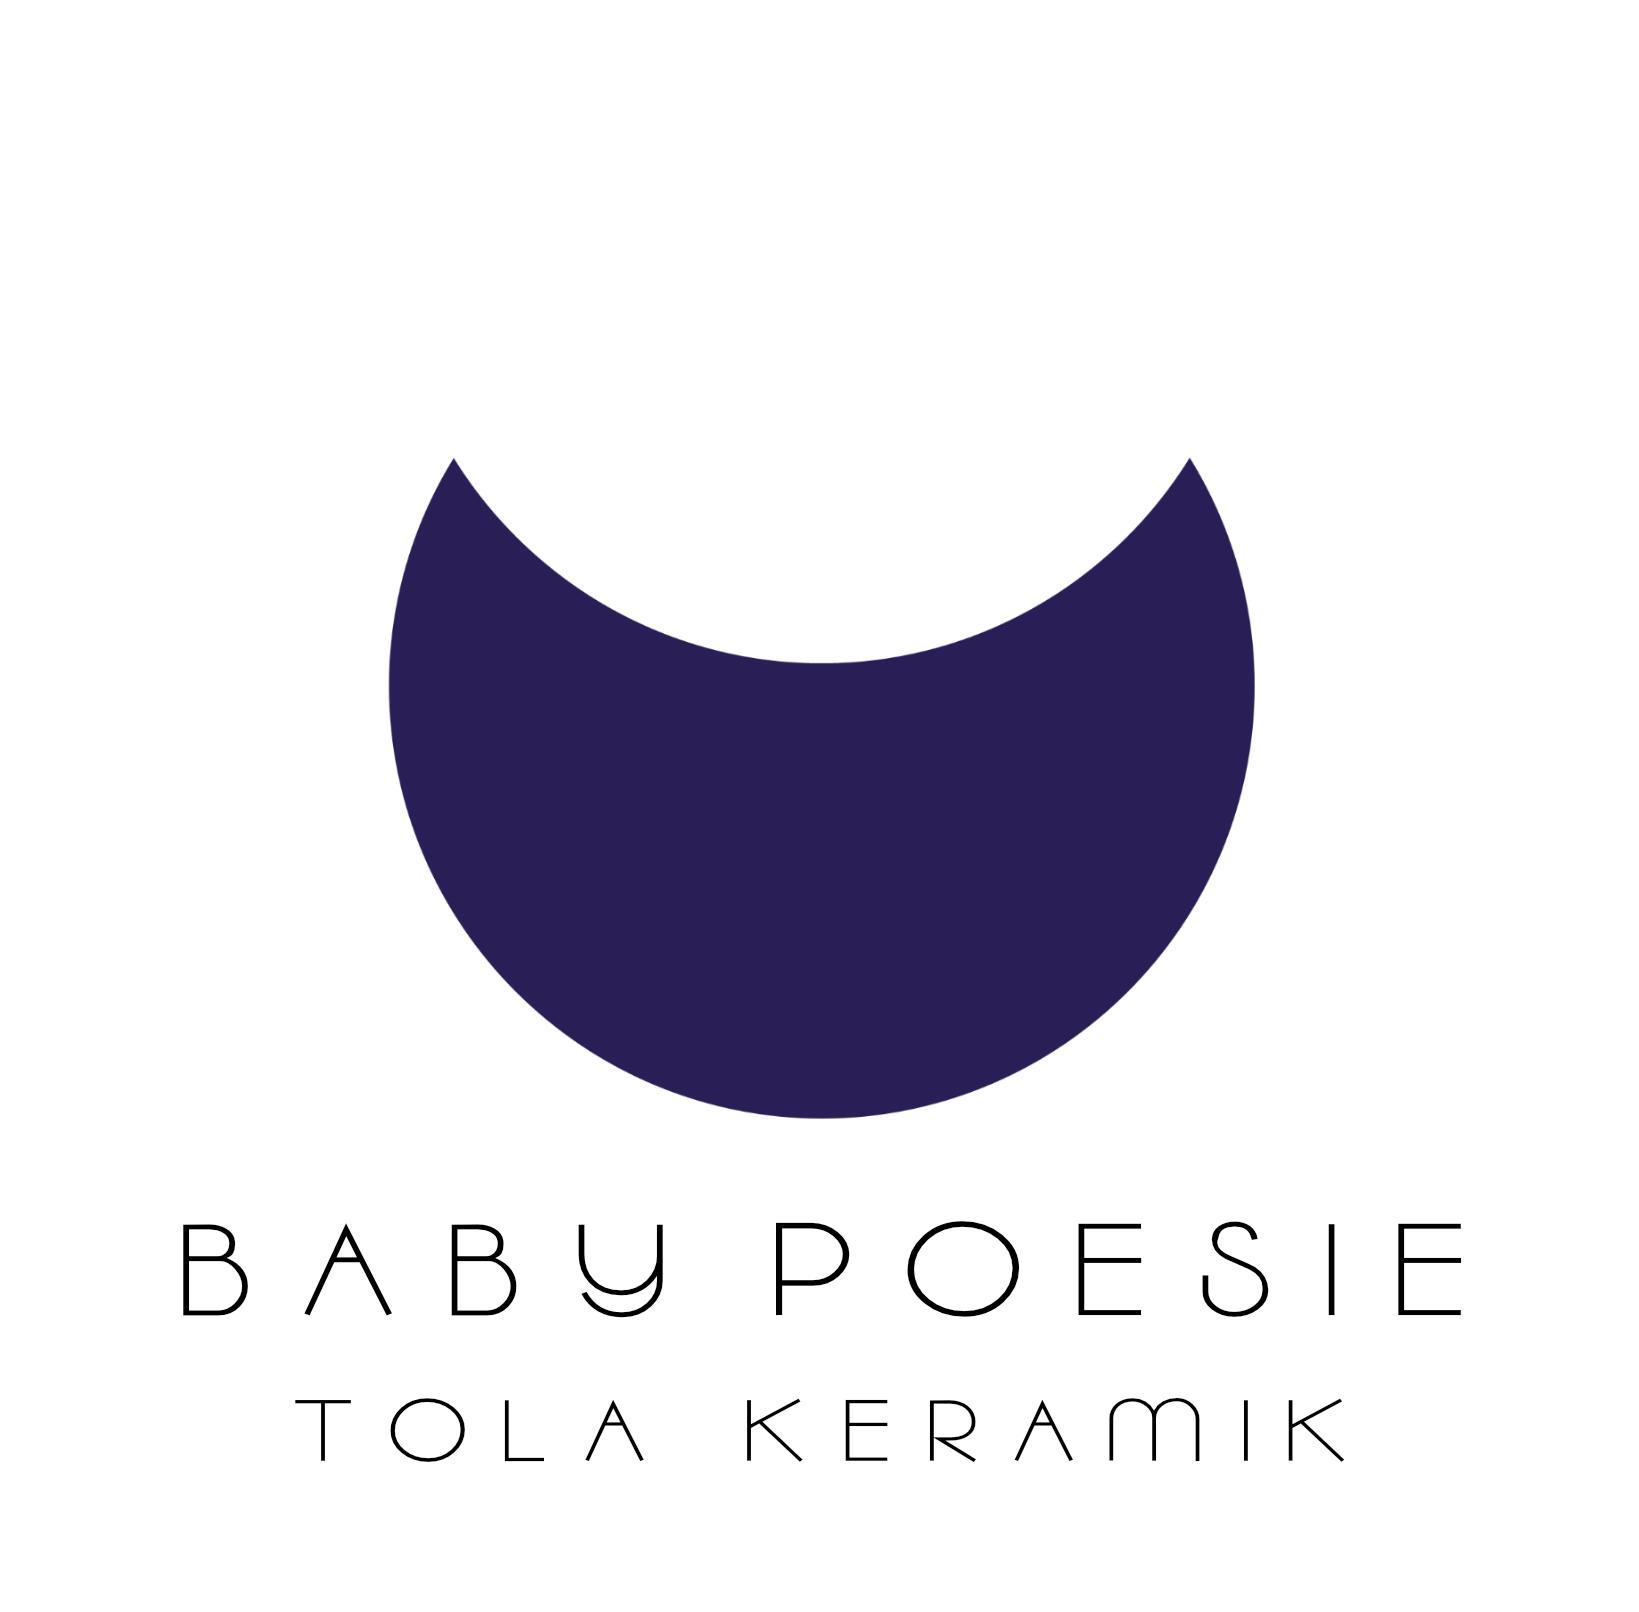 LOGO-BABYPOESIE-TOLA-KERAMIK-NEU-2